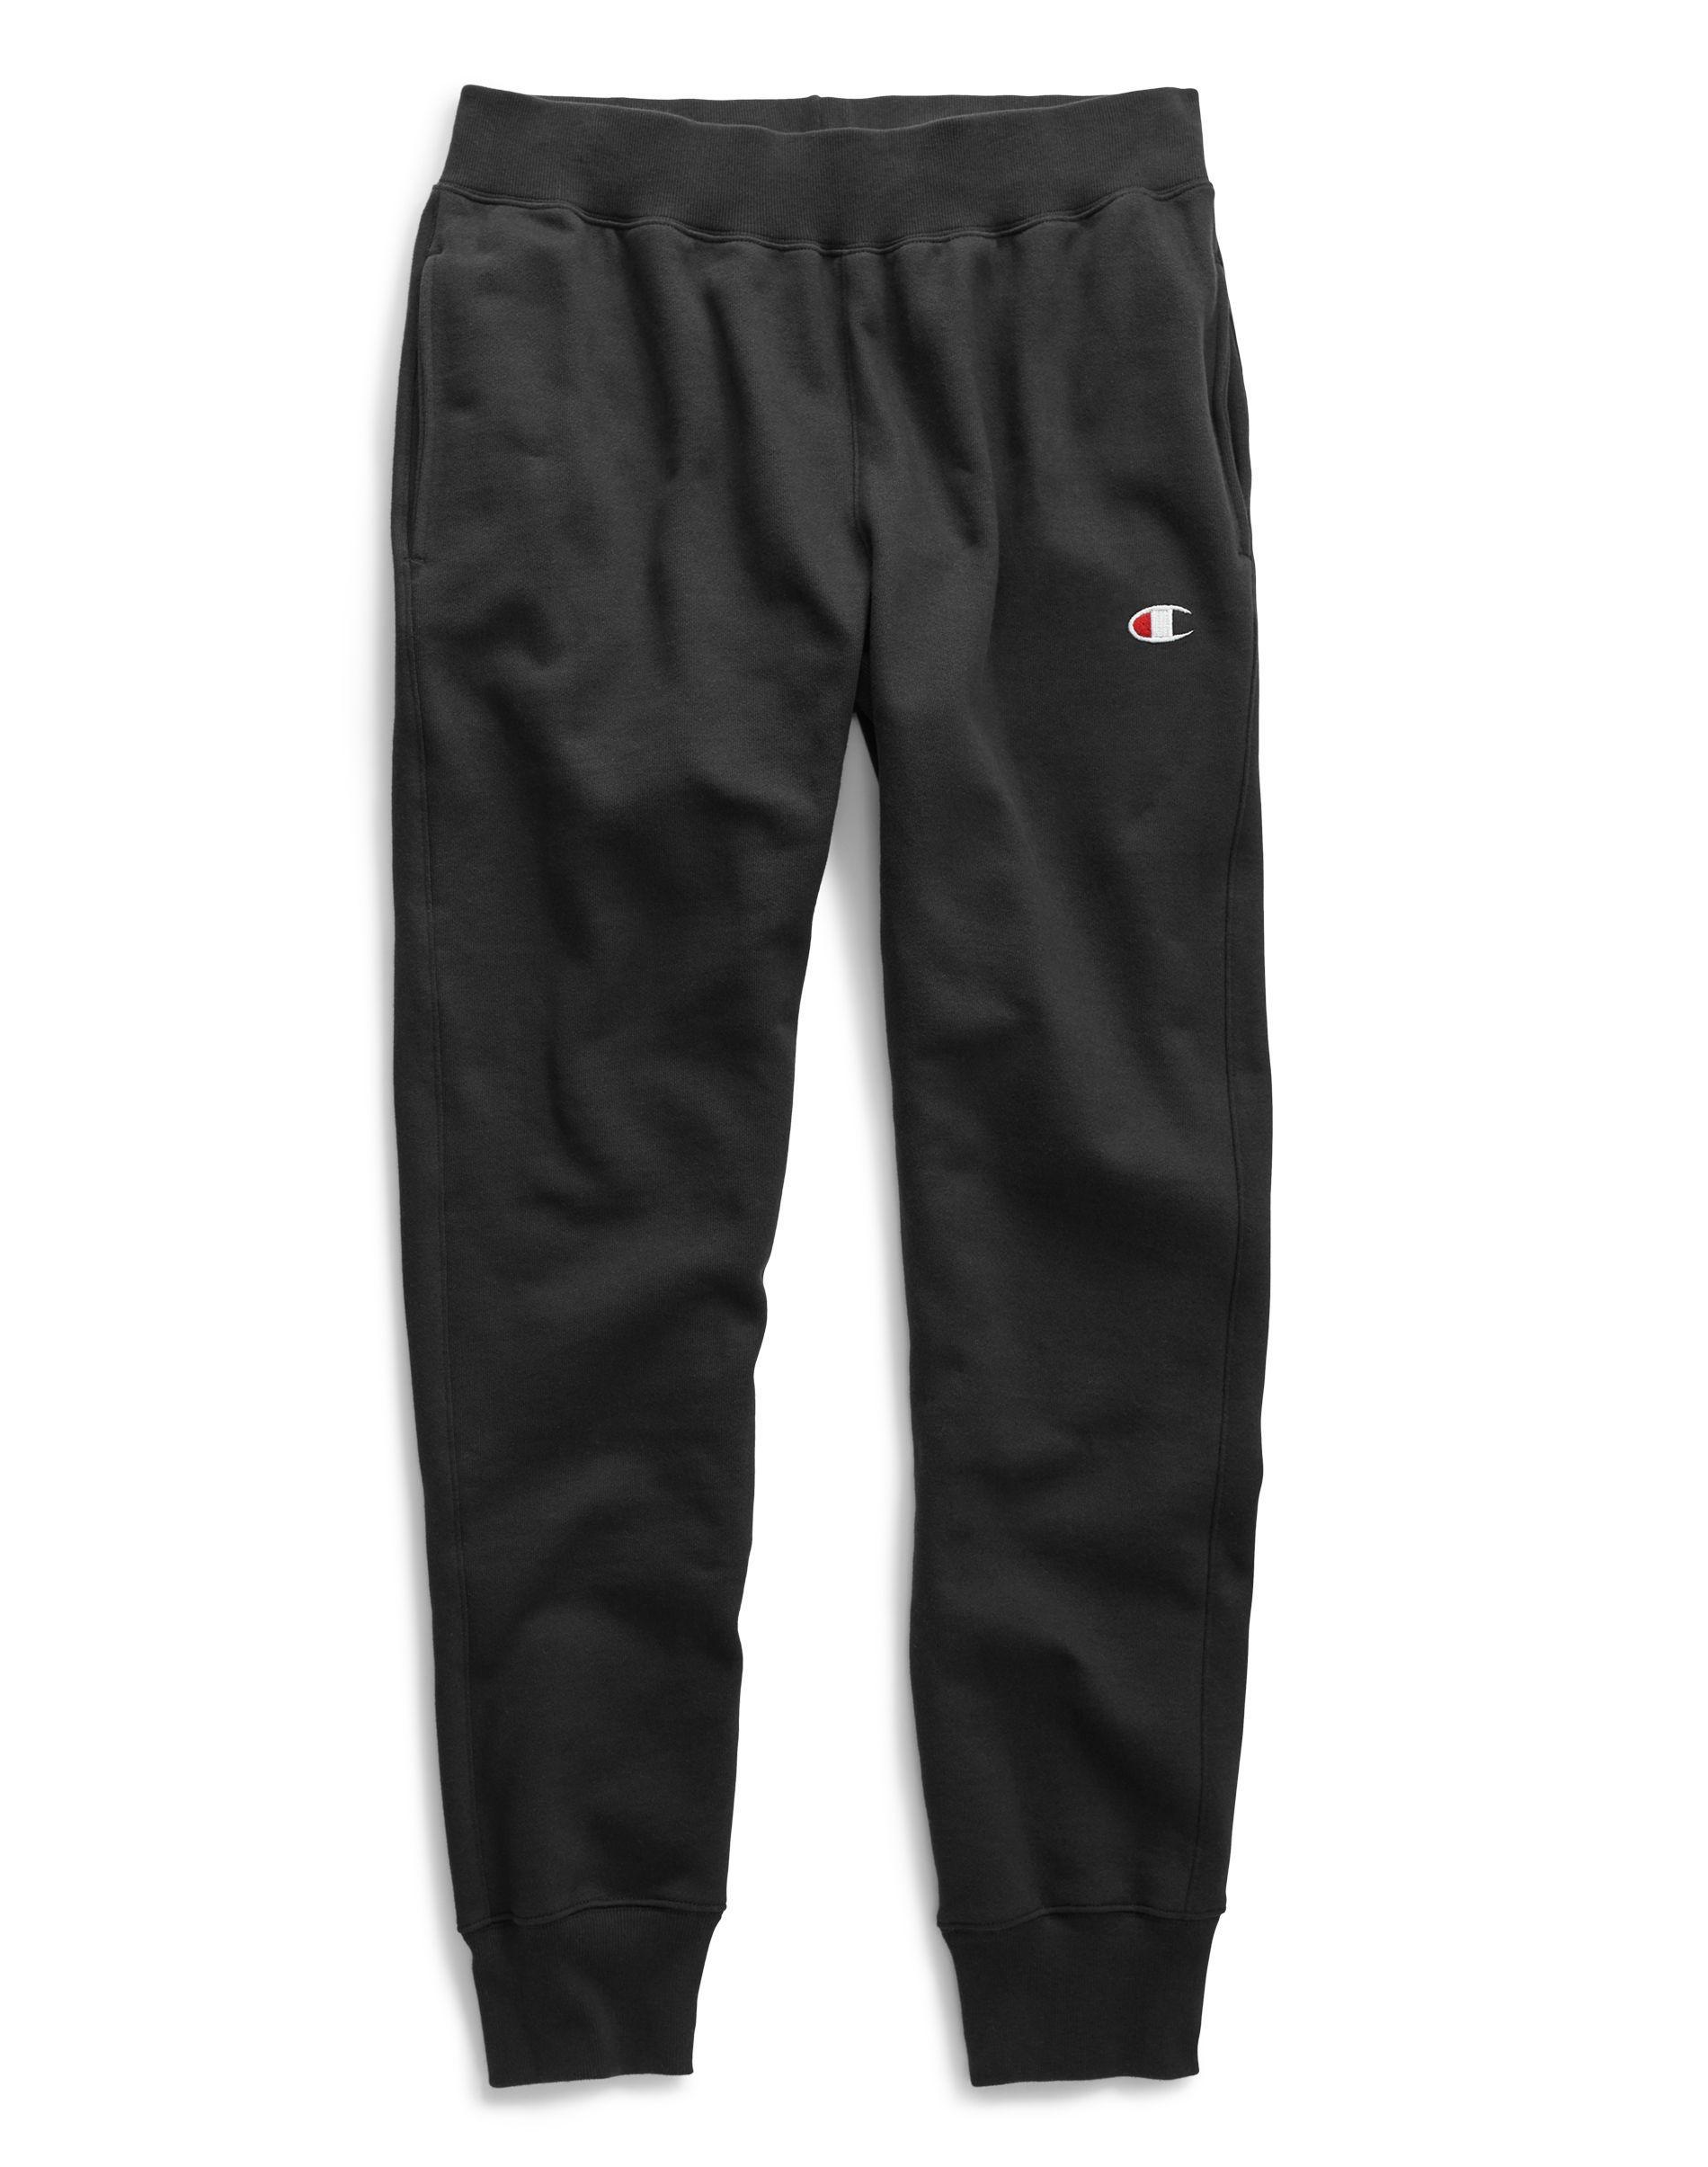 b78fa71e0451 Lyst - Champion Life® Reverse Weave® Trim Jogger Pants in Black for Men